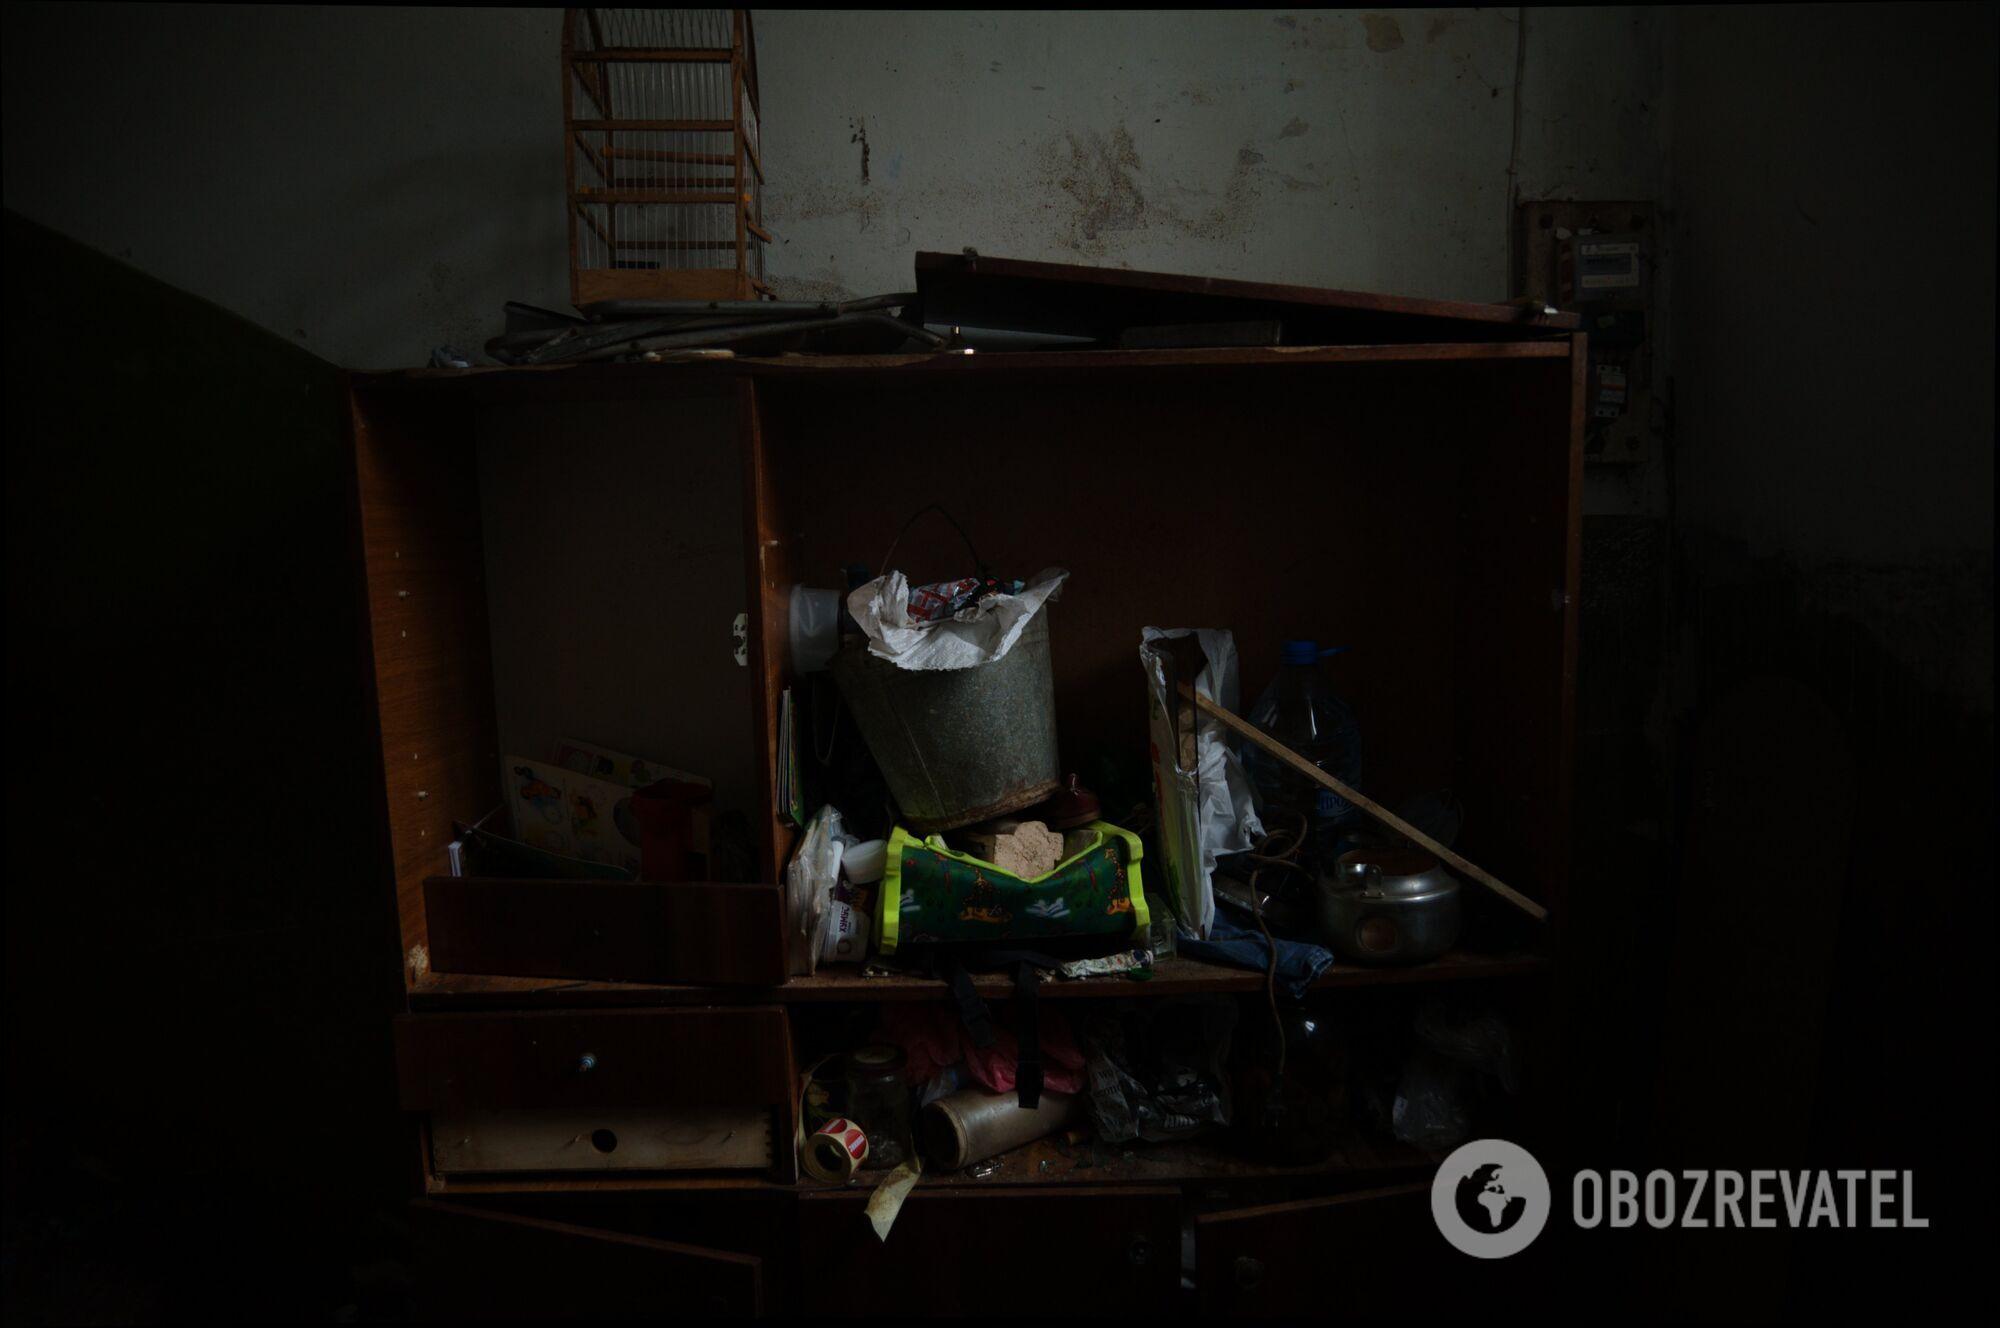 Заброшенная квартира в Харькове, где дети ели собак.